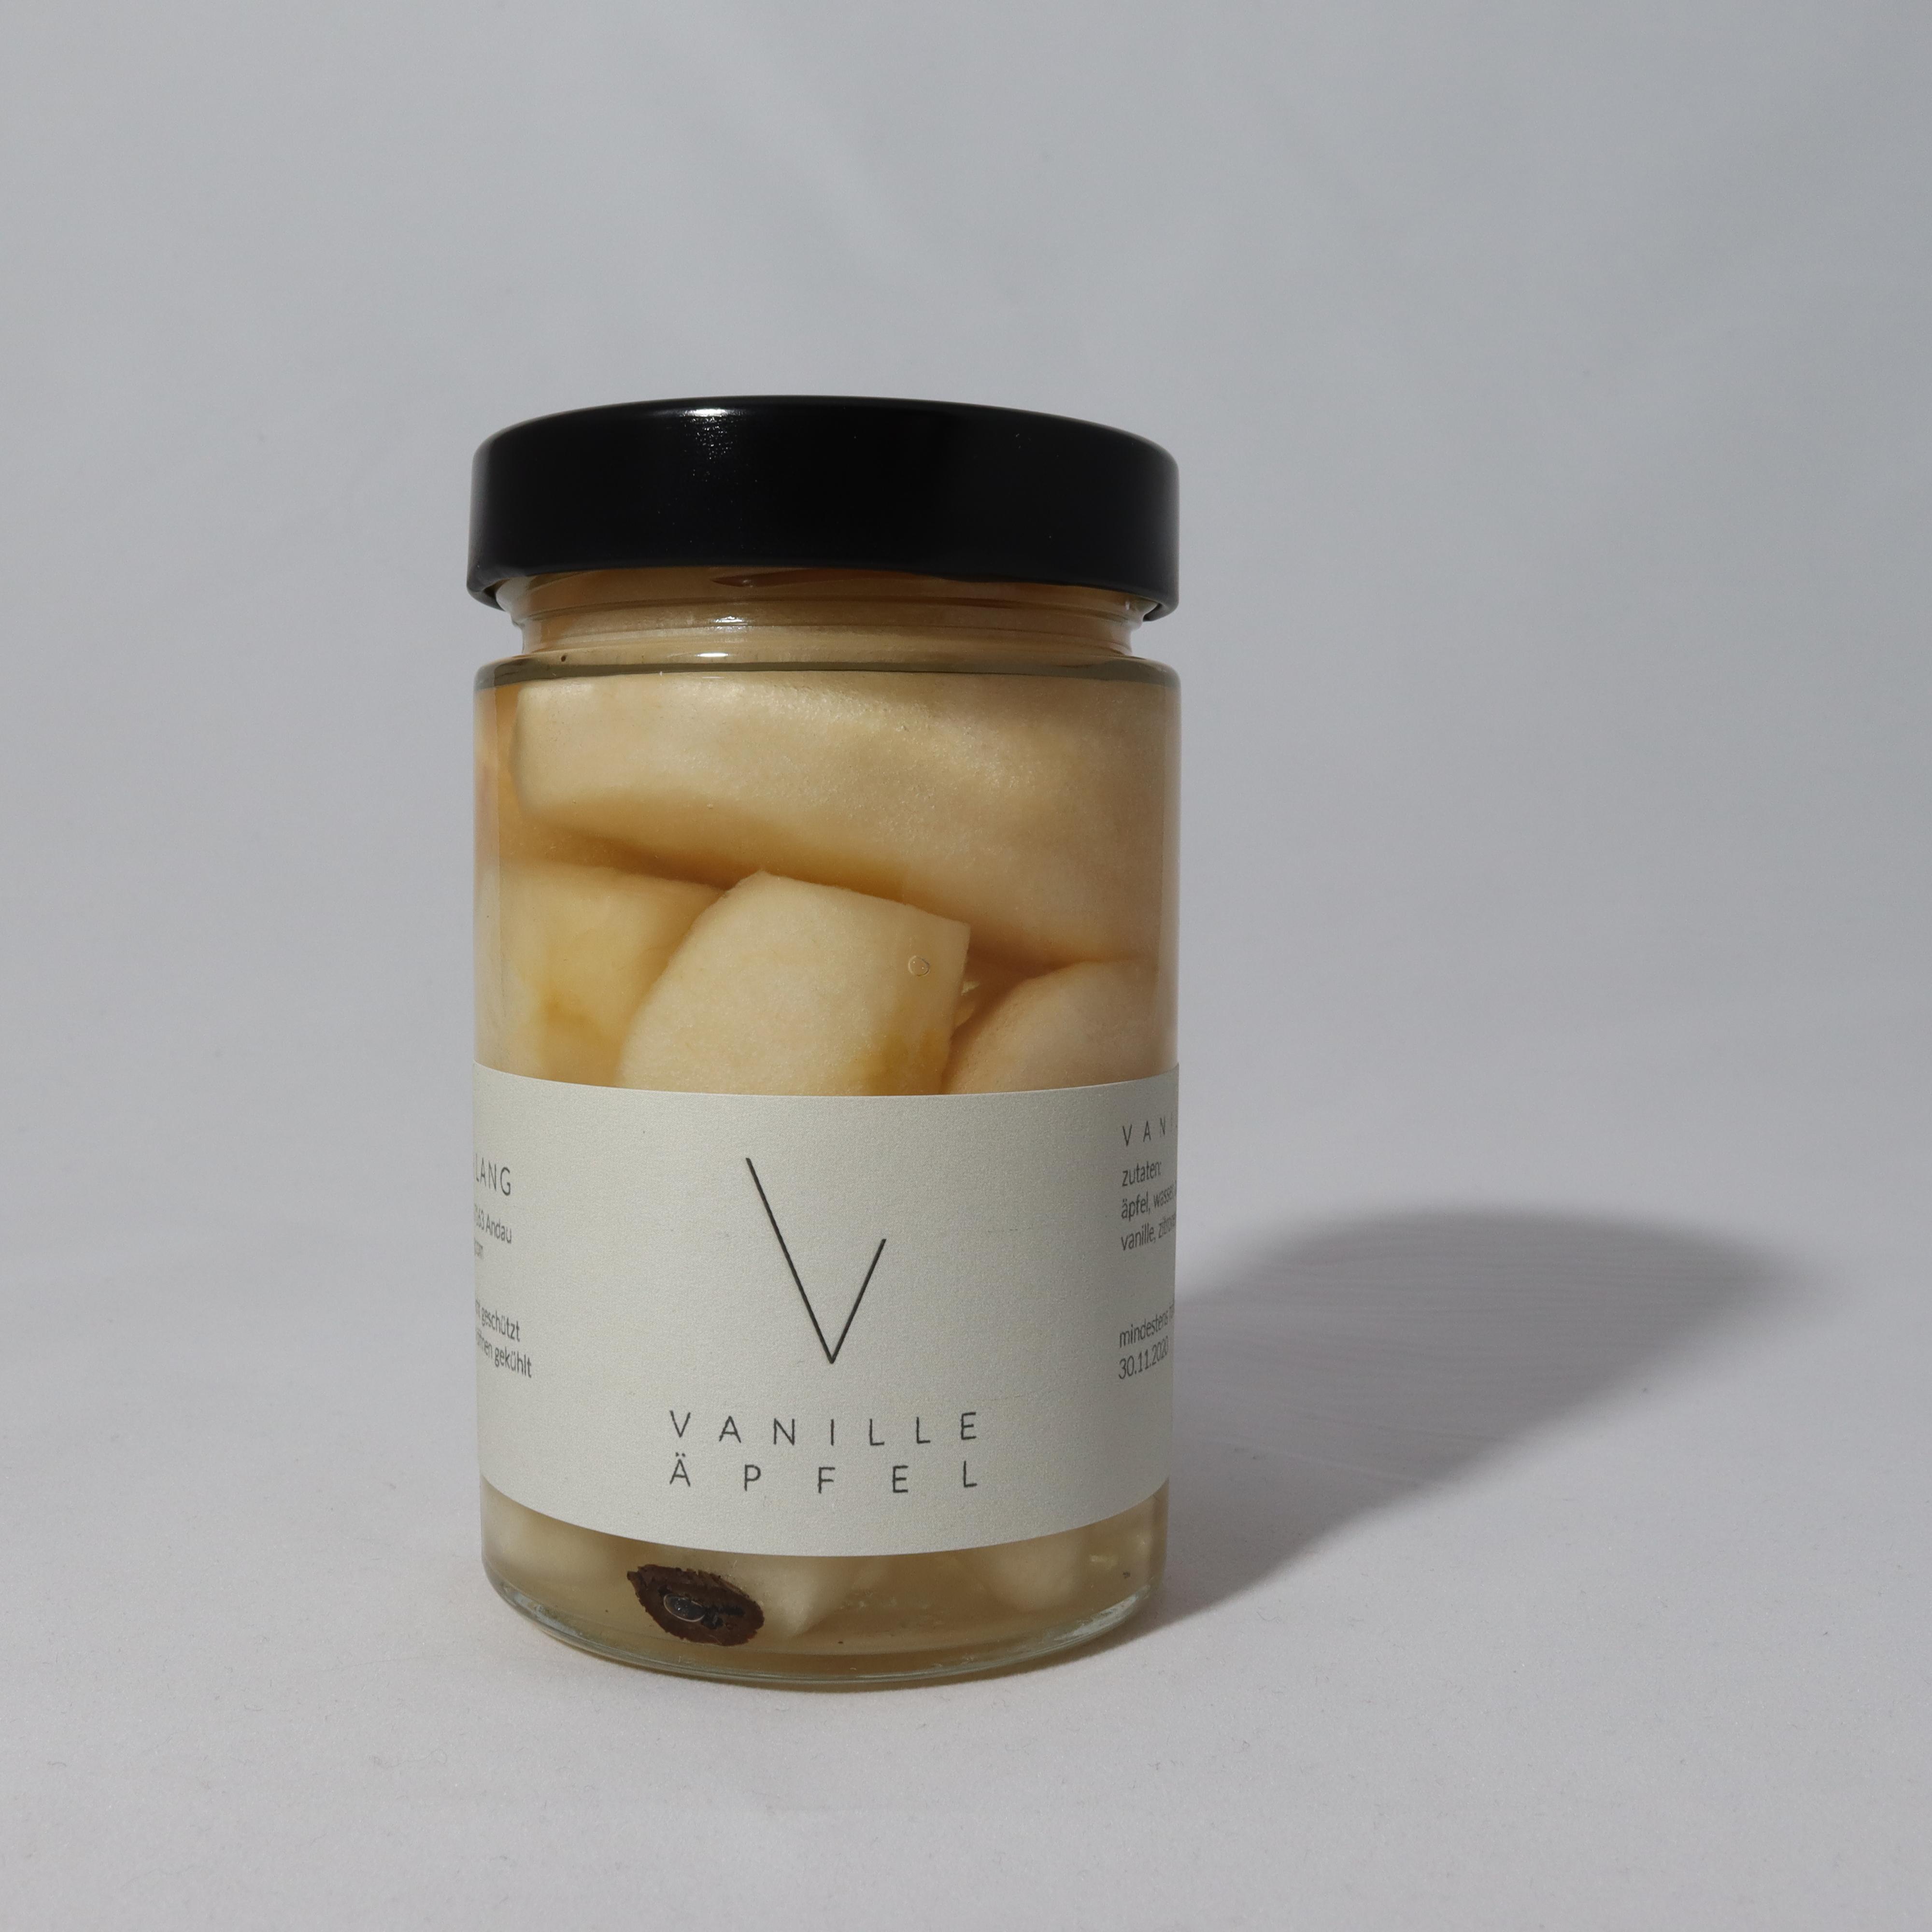 Hausgemachtes veganes Apfel Kompott mit Vanille aus dem Seewinkel online kaufen Online shop Burgenland Neusiedlersee